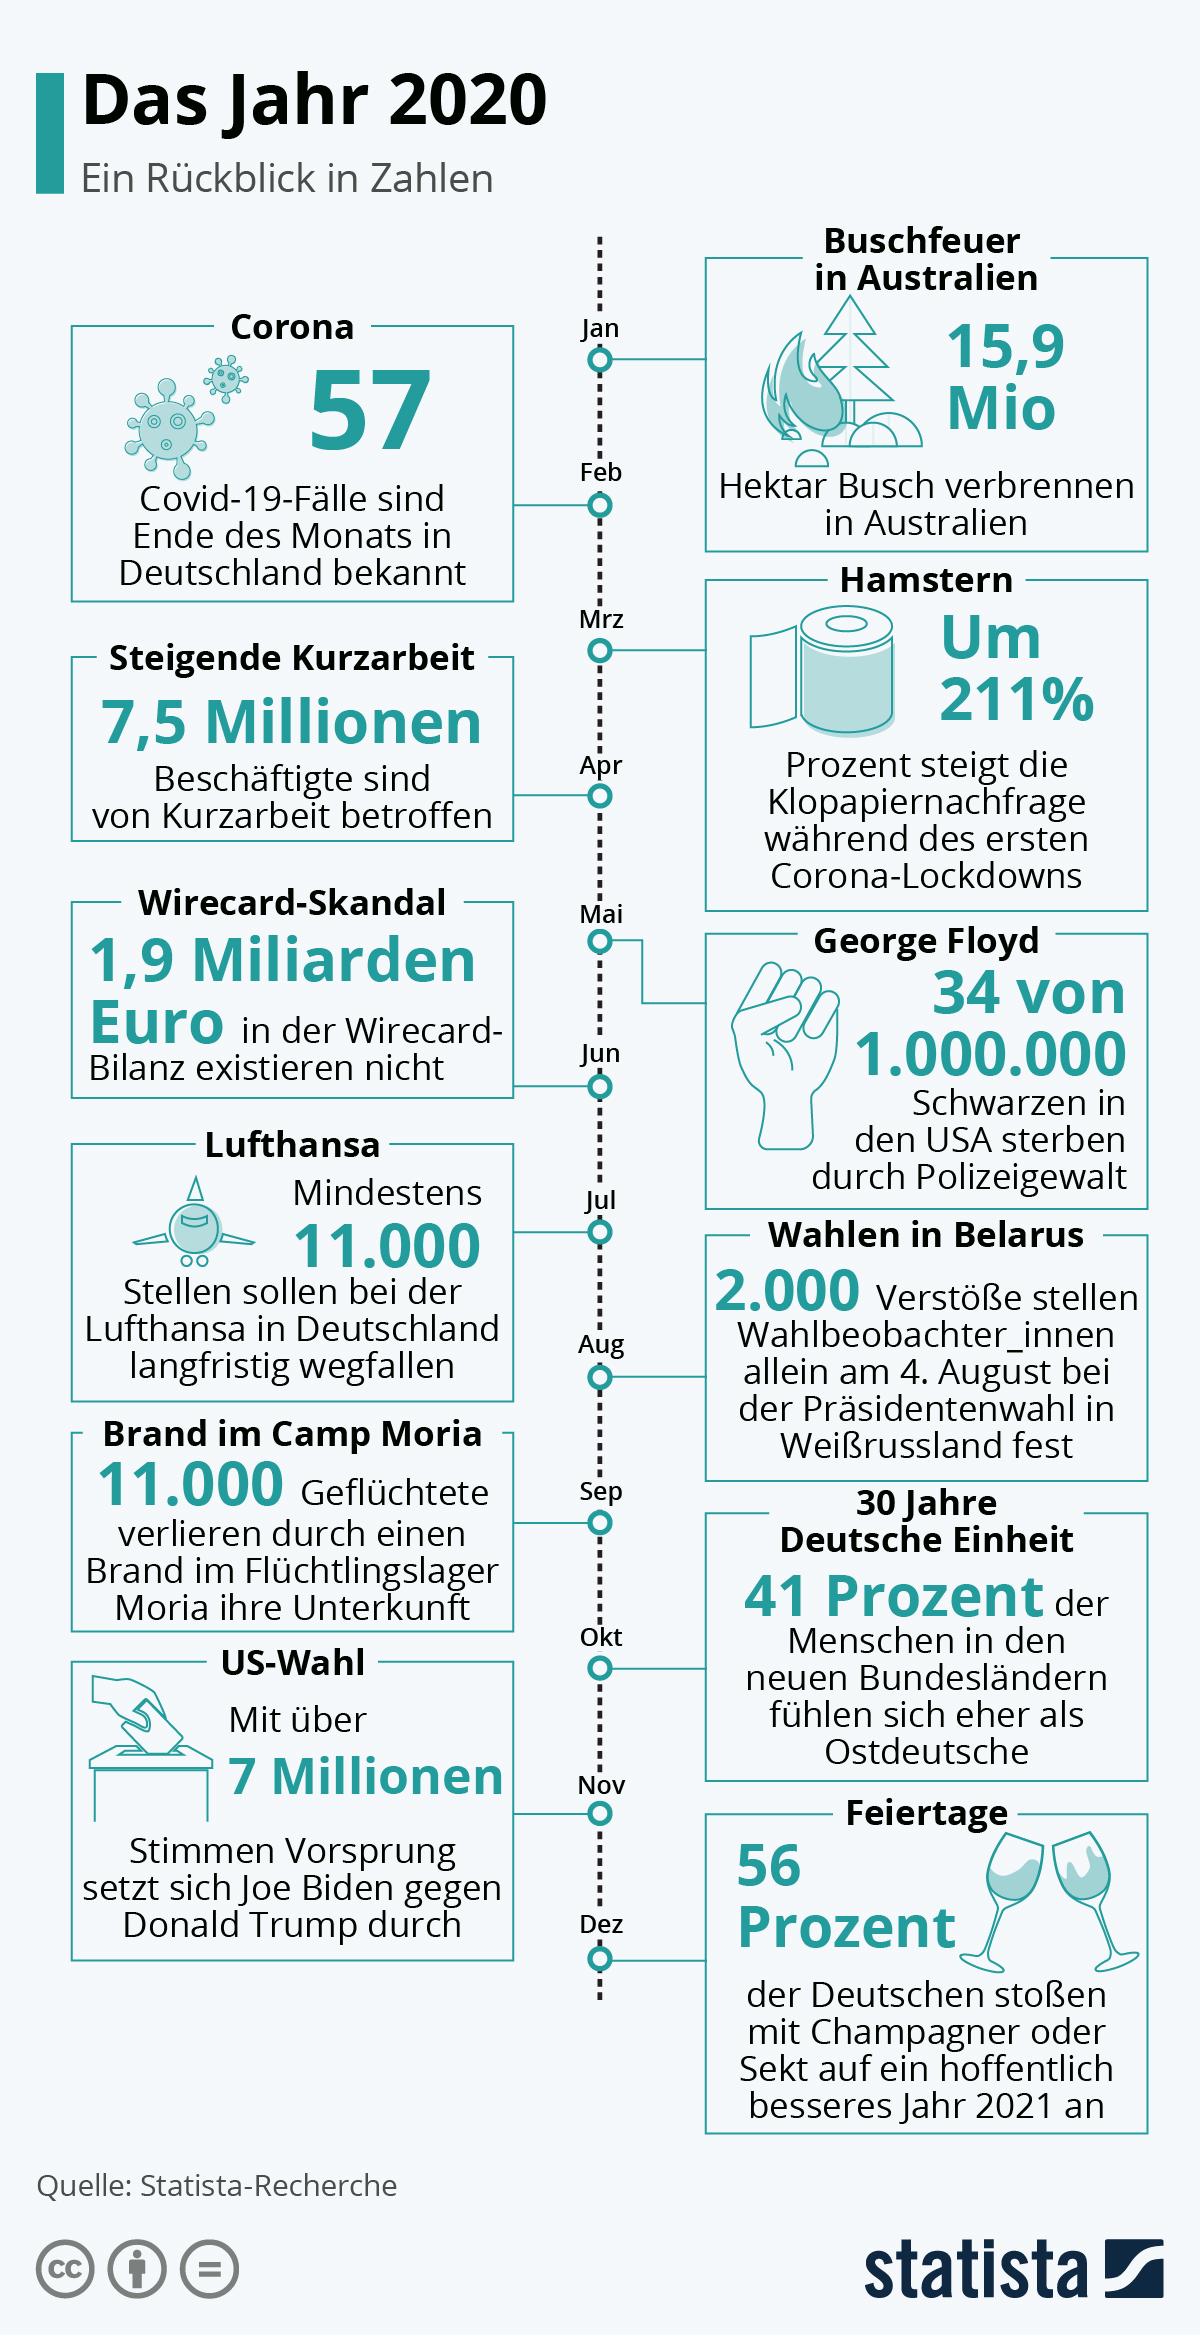 Infografik: Das Jahr 2020 | Statista